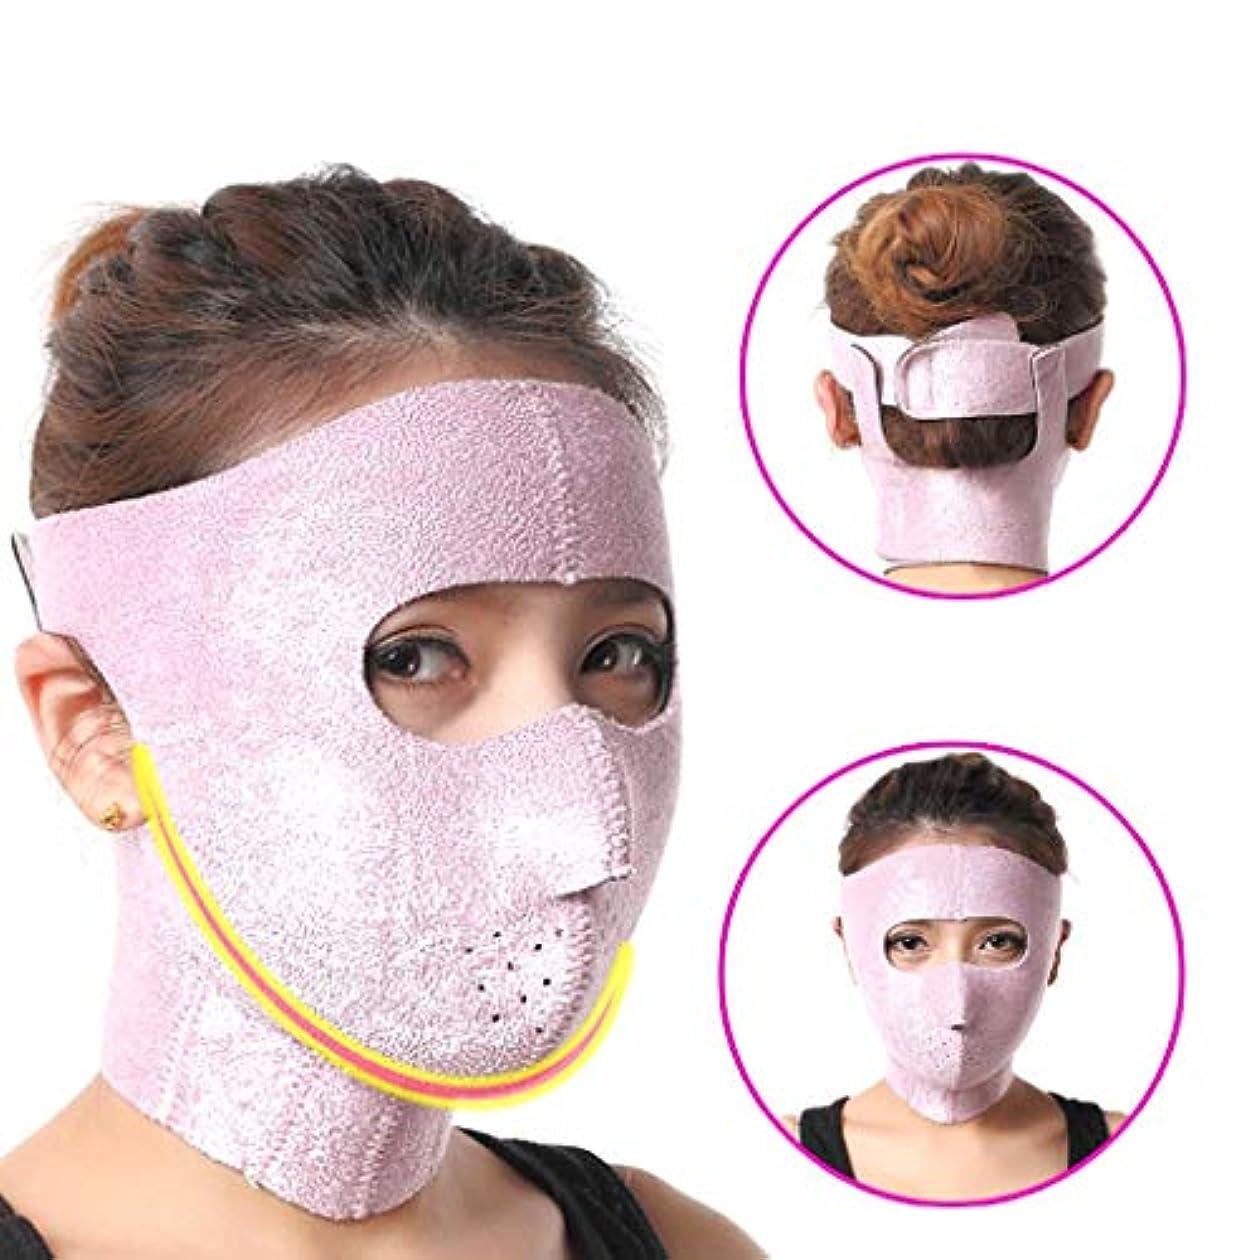 確立しますアブストラクト捧げるXHLMRMJ 薄いあご修正ツール、顔リフティングマスク、リフティングファーミング、Vフェイシャルマスク、改良された咬筋二重あご、男性と女性の両方に適しています